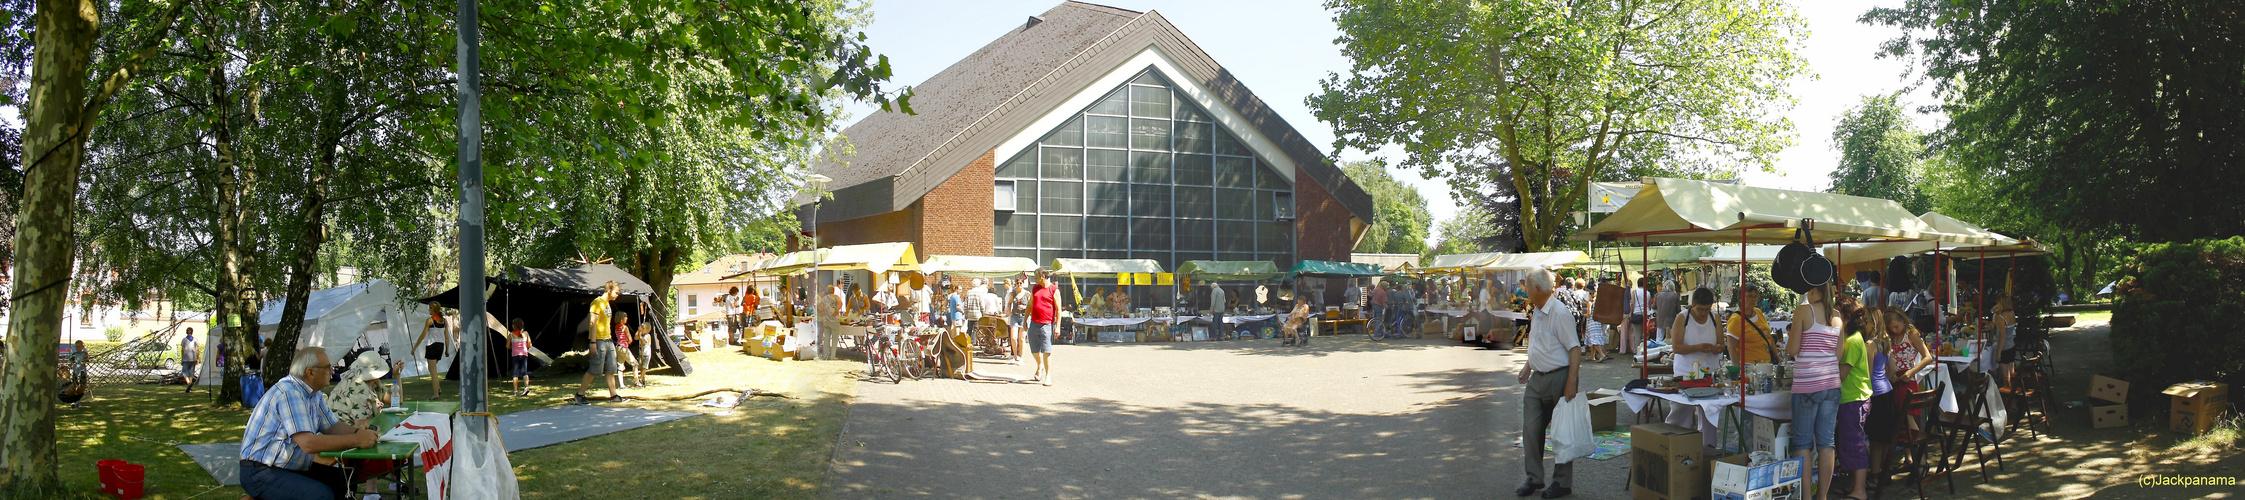 Gemeindefest mit einem Flohmarkt in der Heiligen Familie Grafenwald